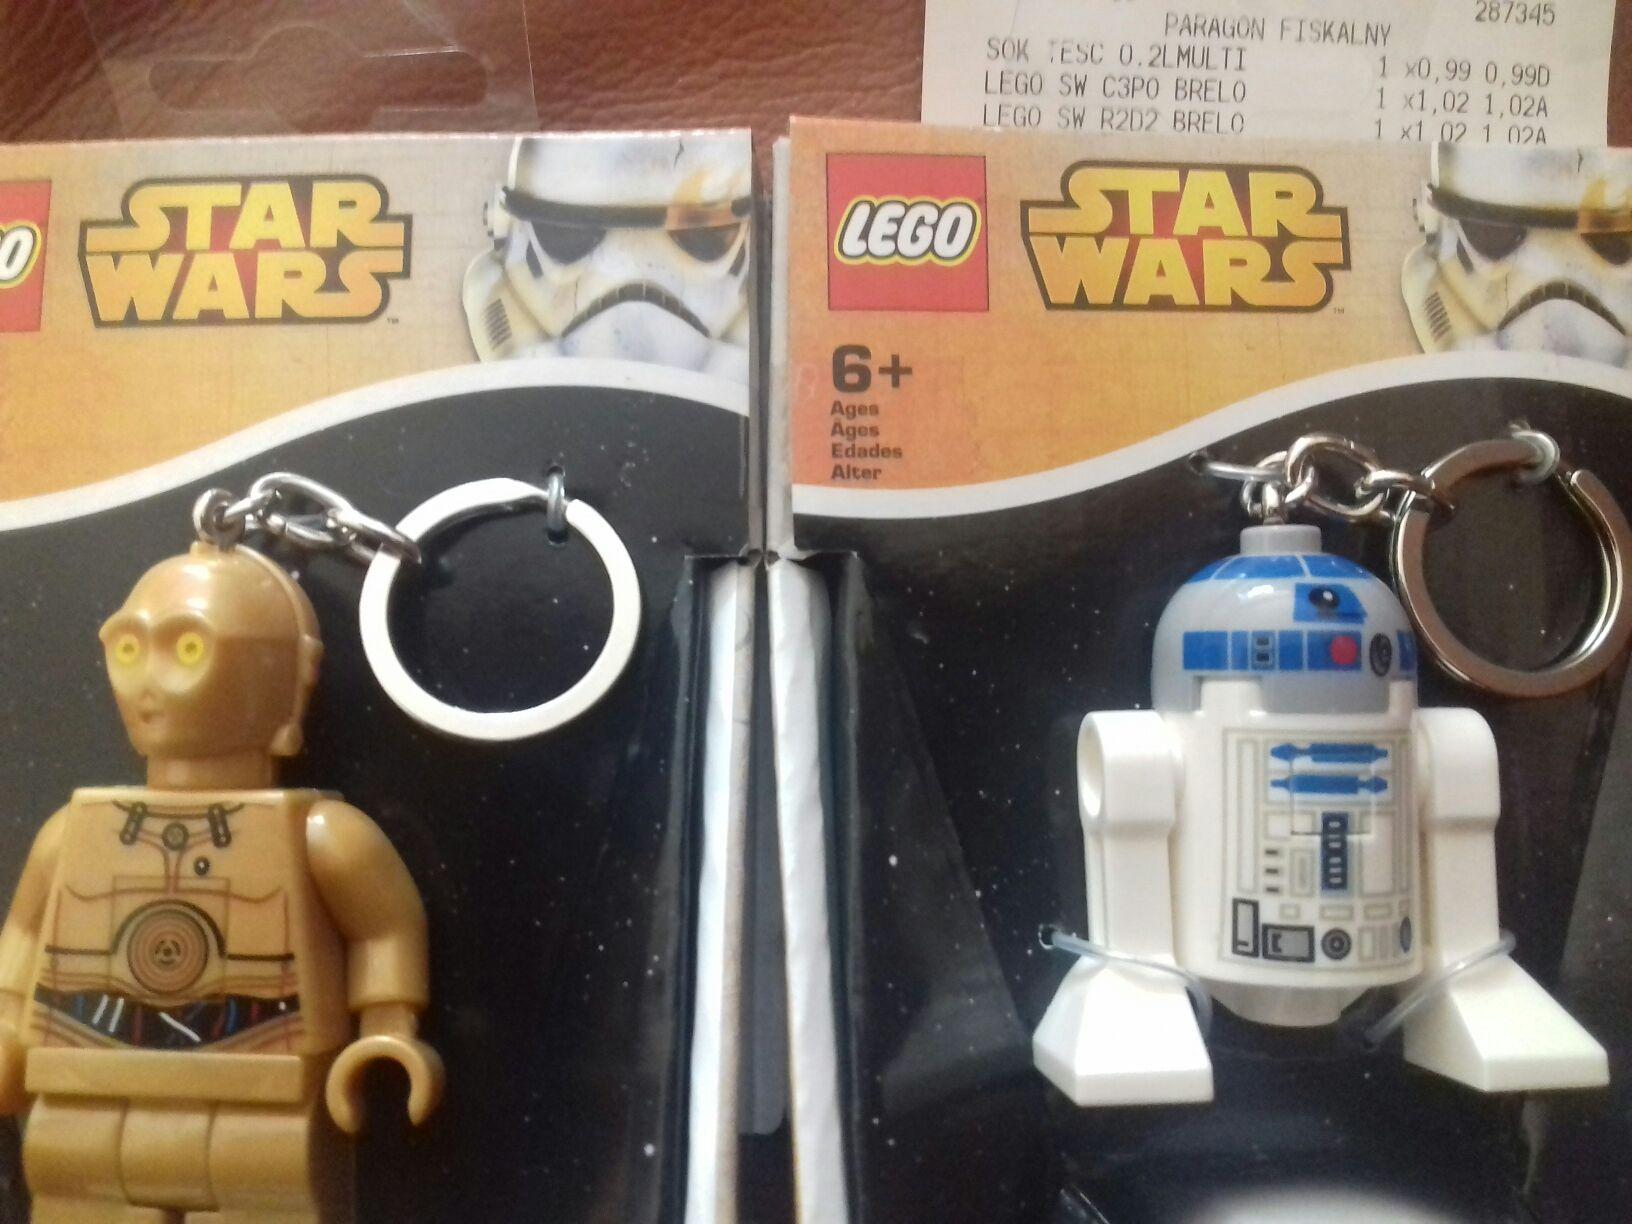 Breloki LEGO Star Wars w TESCO za 1.02zl